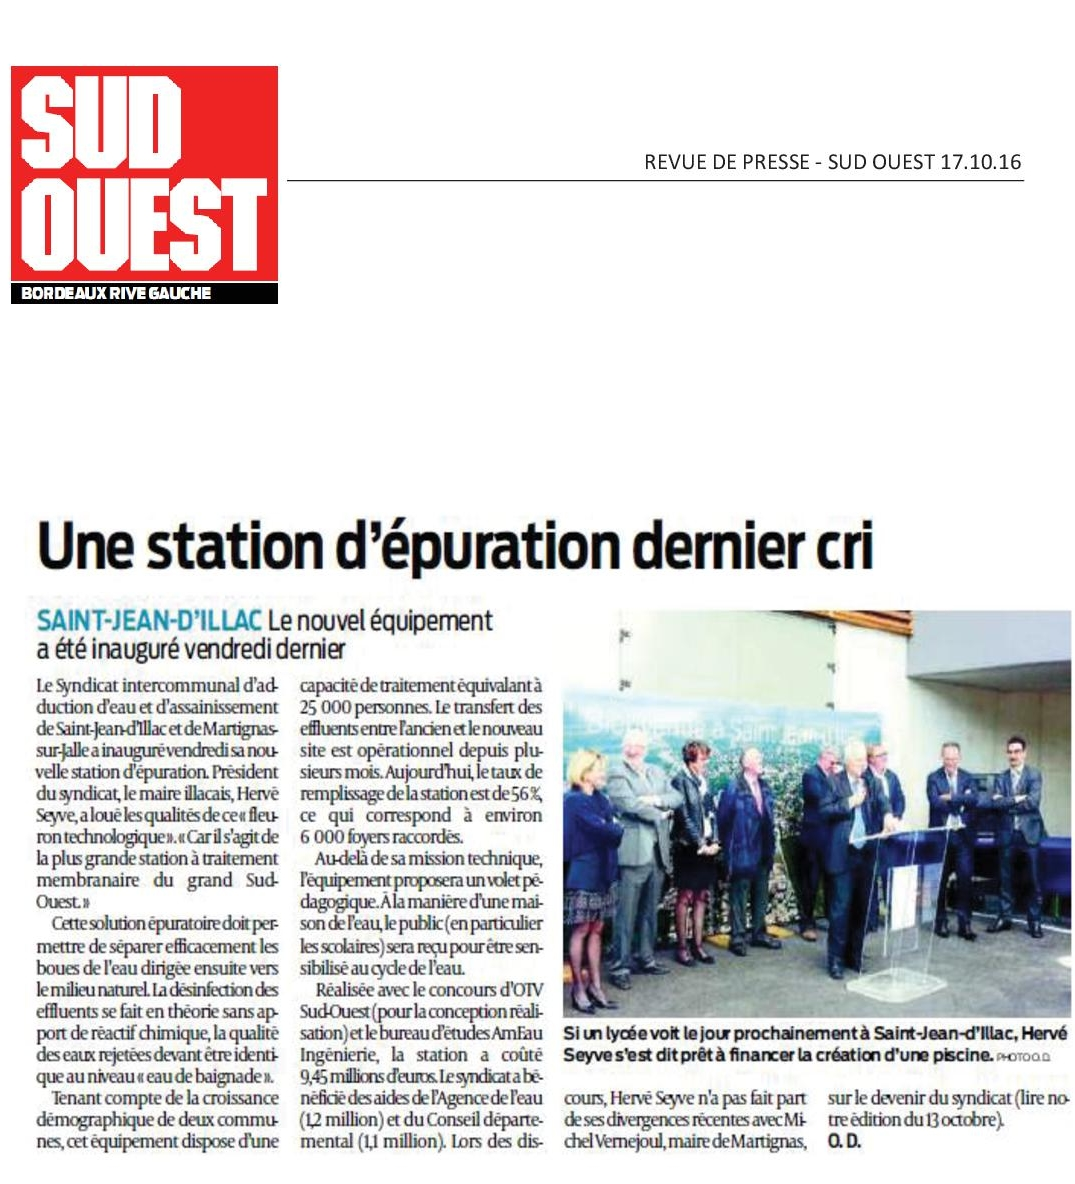 RP_161017_Une_station_d'épuration_dernier_cri